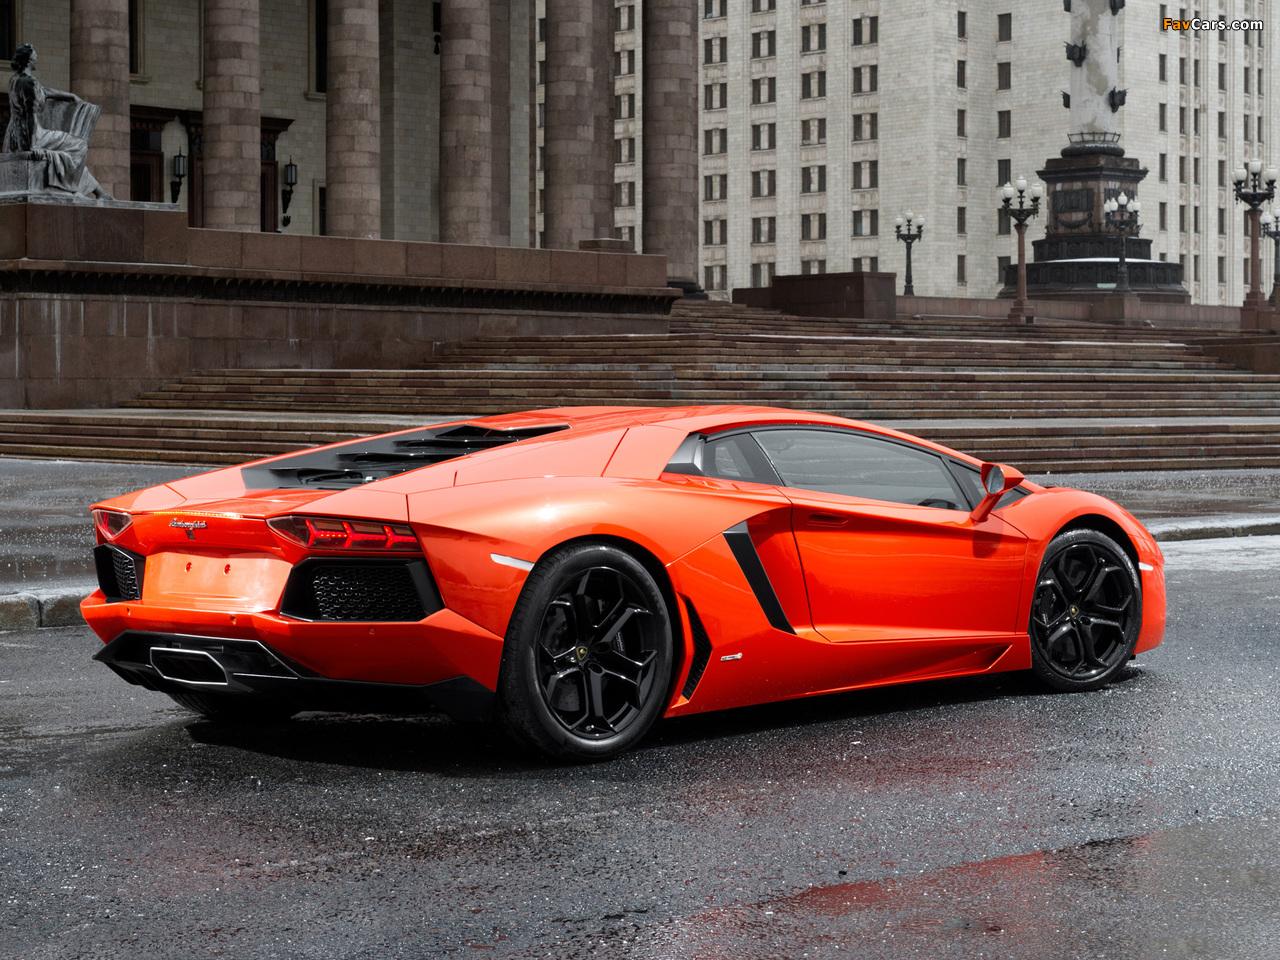 Lamborghini Aventador LP 700-4 (LB834) 2011 pictures (1280 x 960)